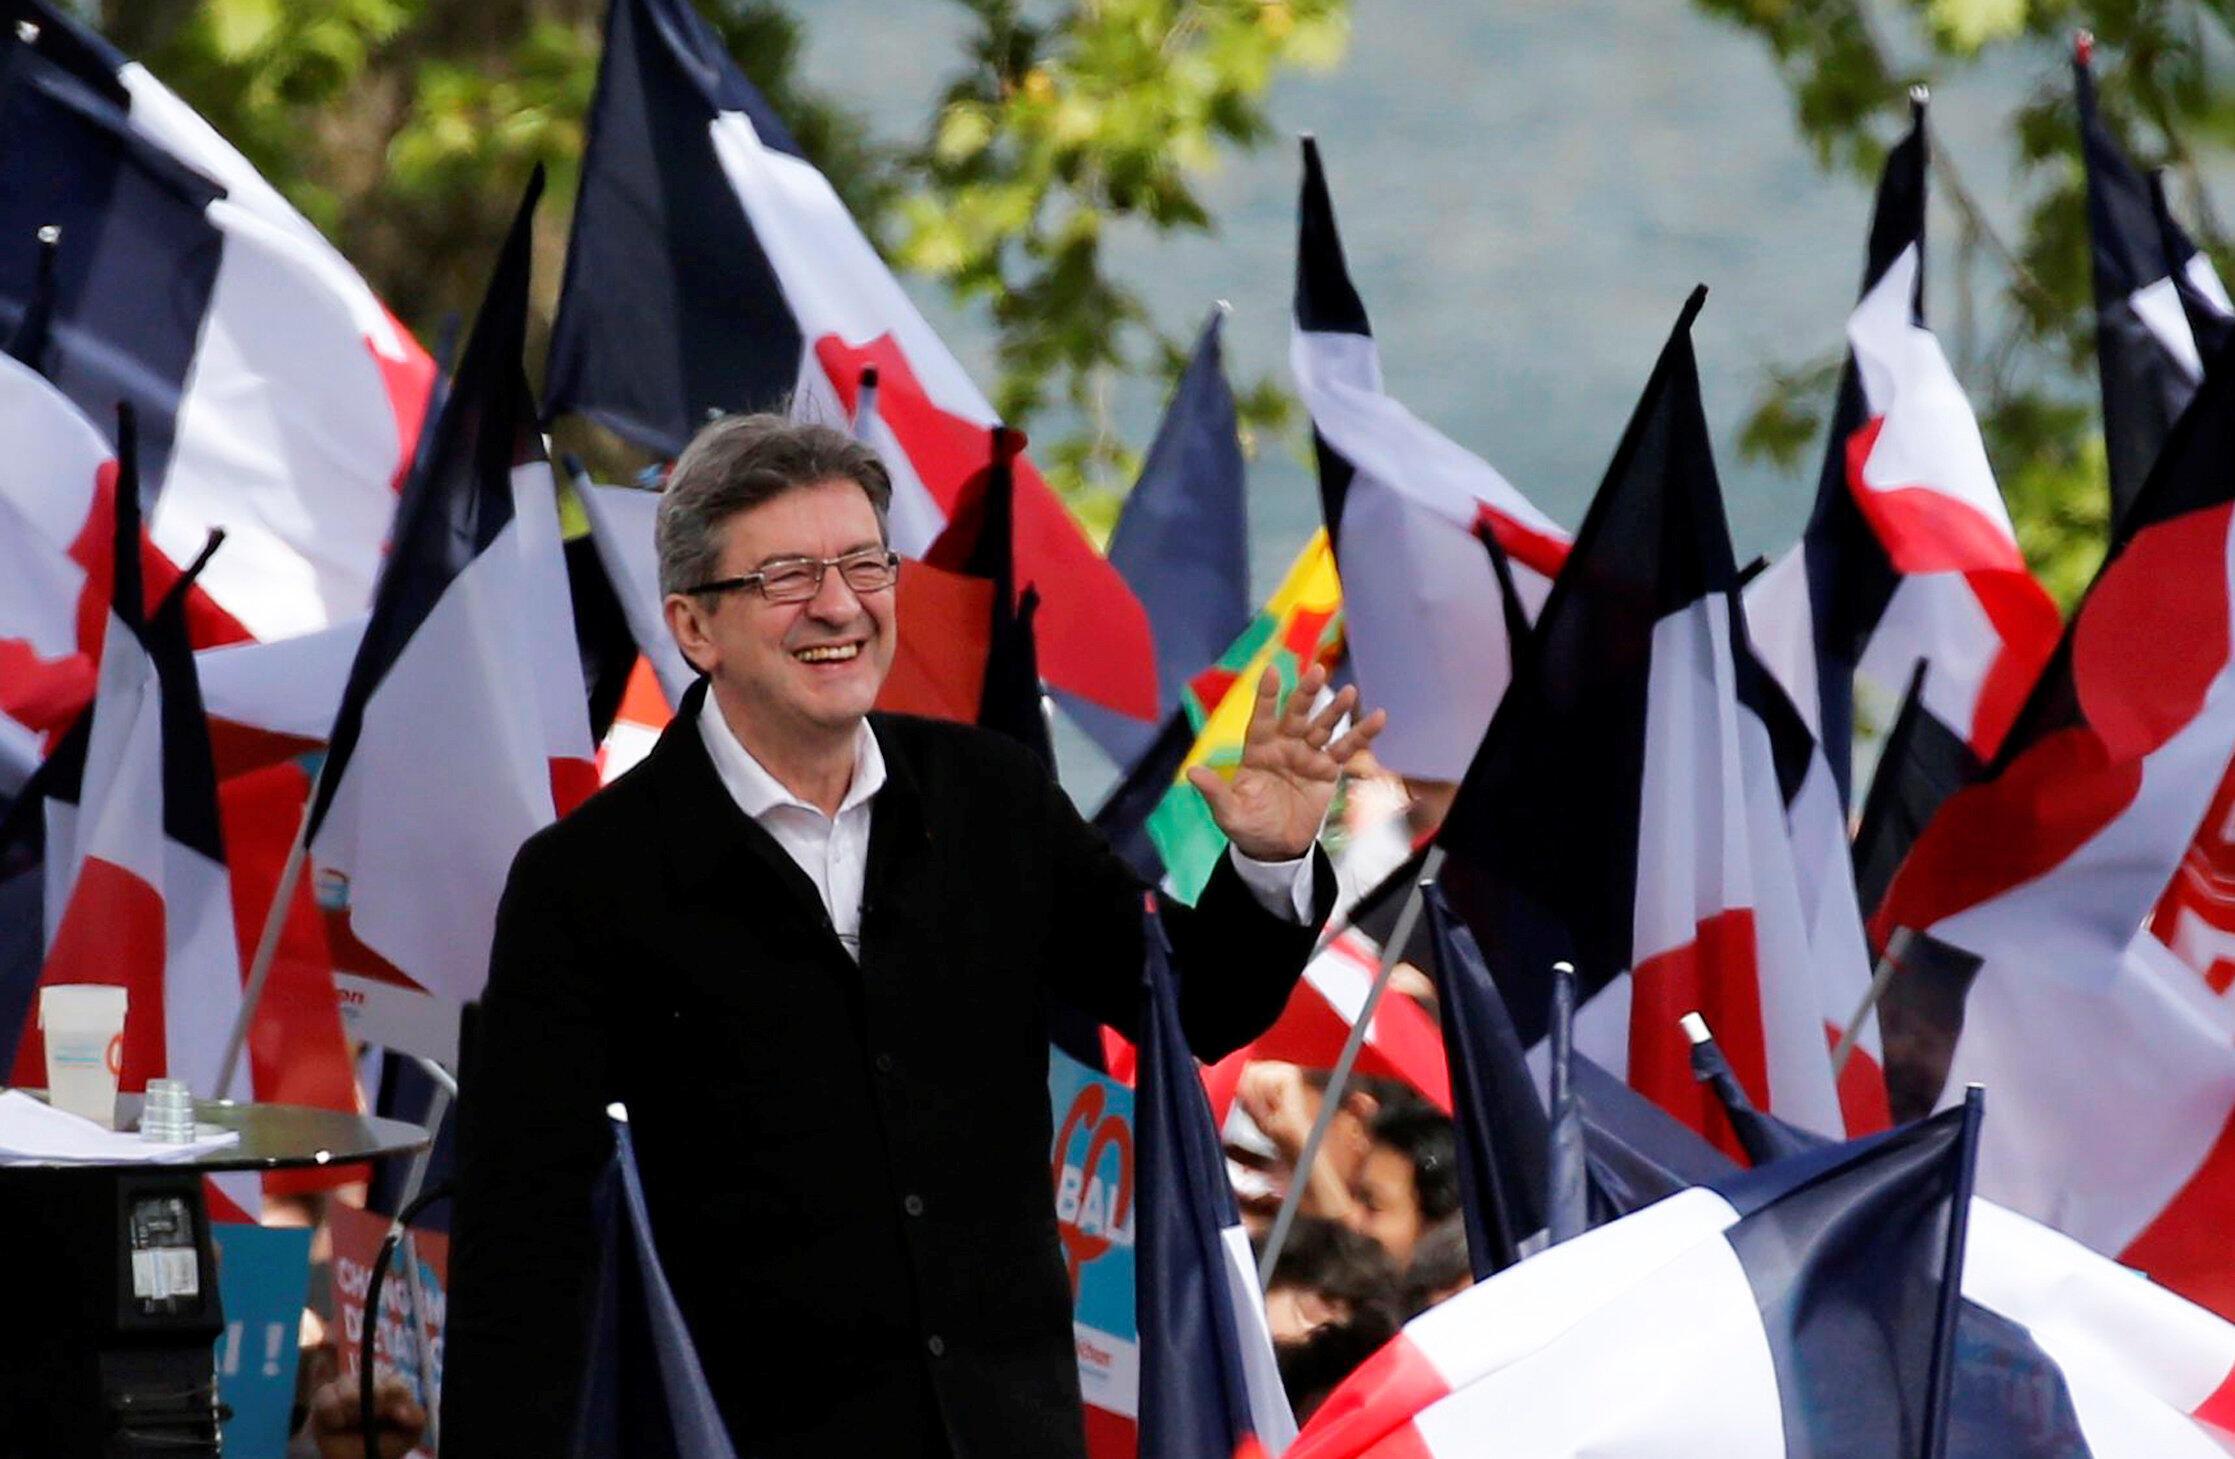 Jean-Luc Mélenchon lors de son meeting à Toulouse le 16 avril 2017.